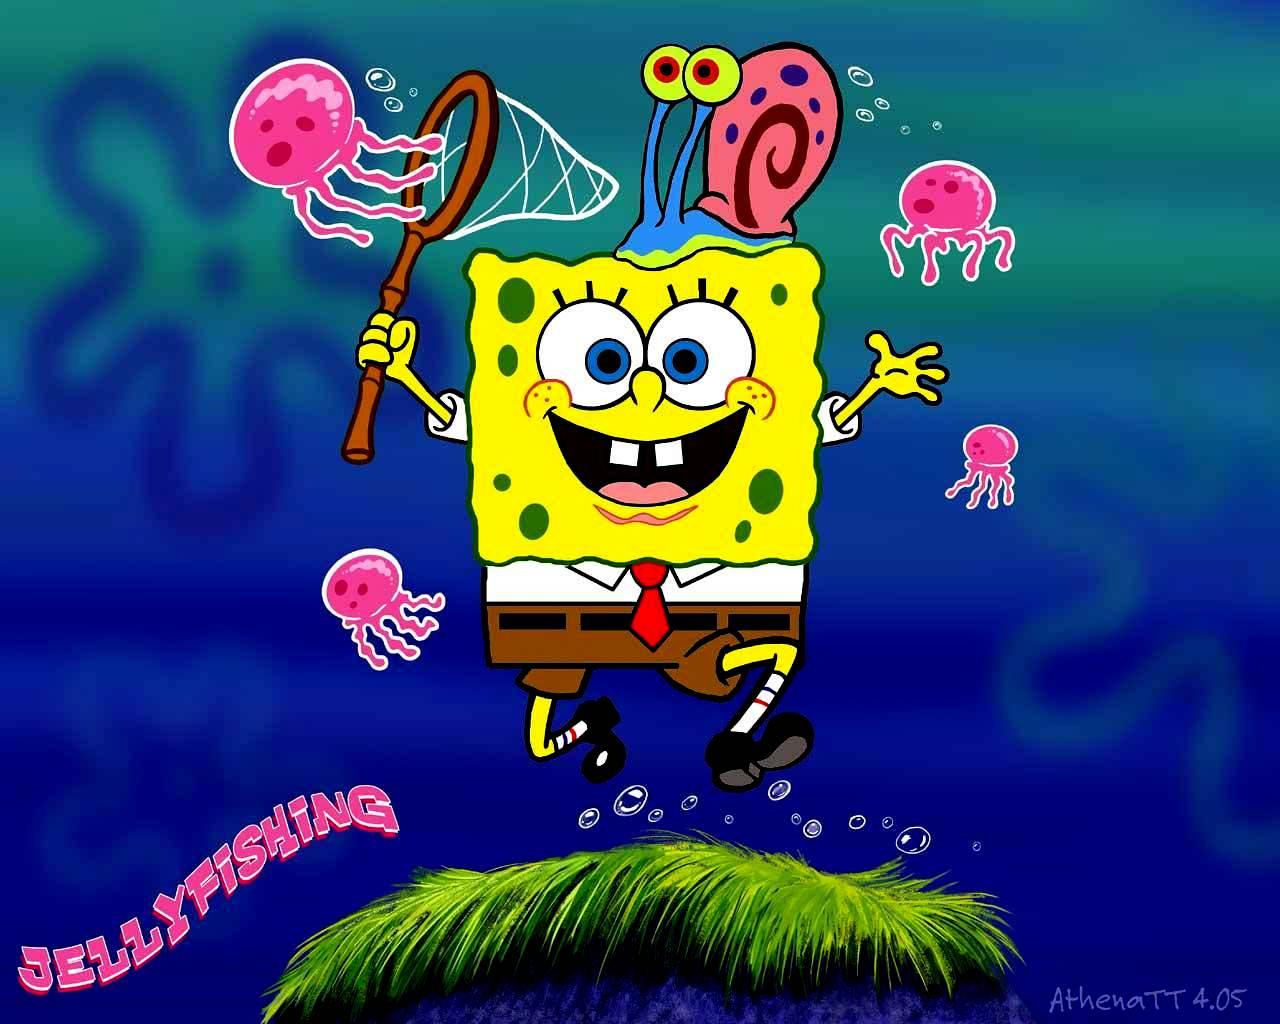 Spongebob And Gary Wallpaper Spongebob Squarepants